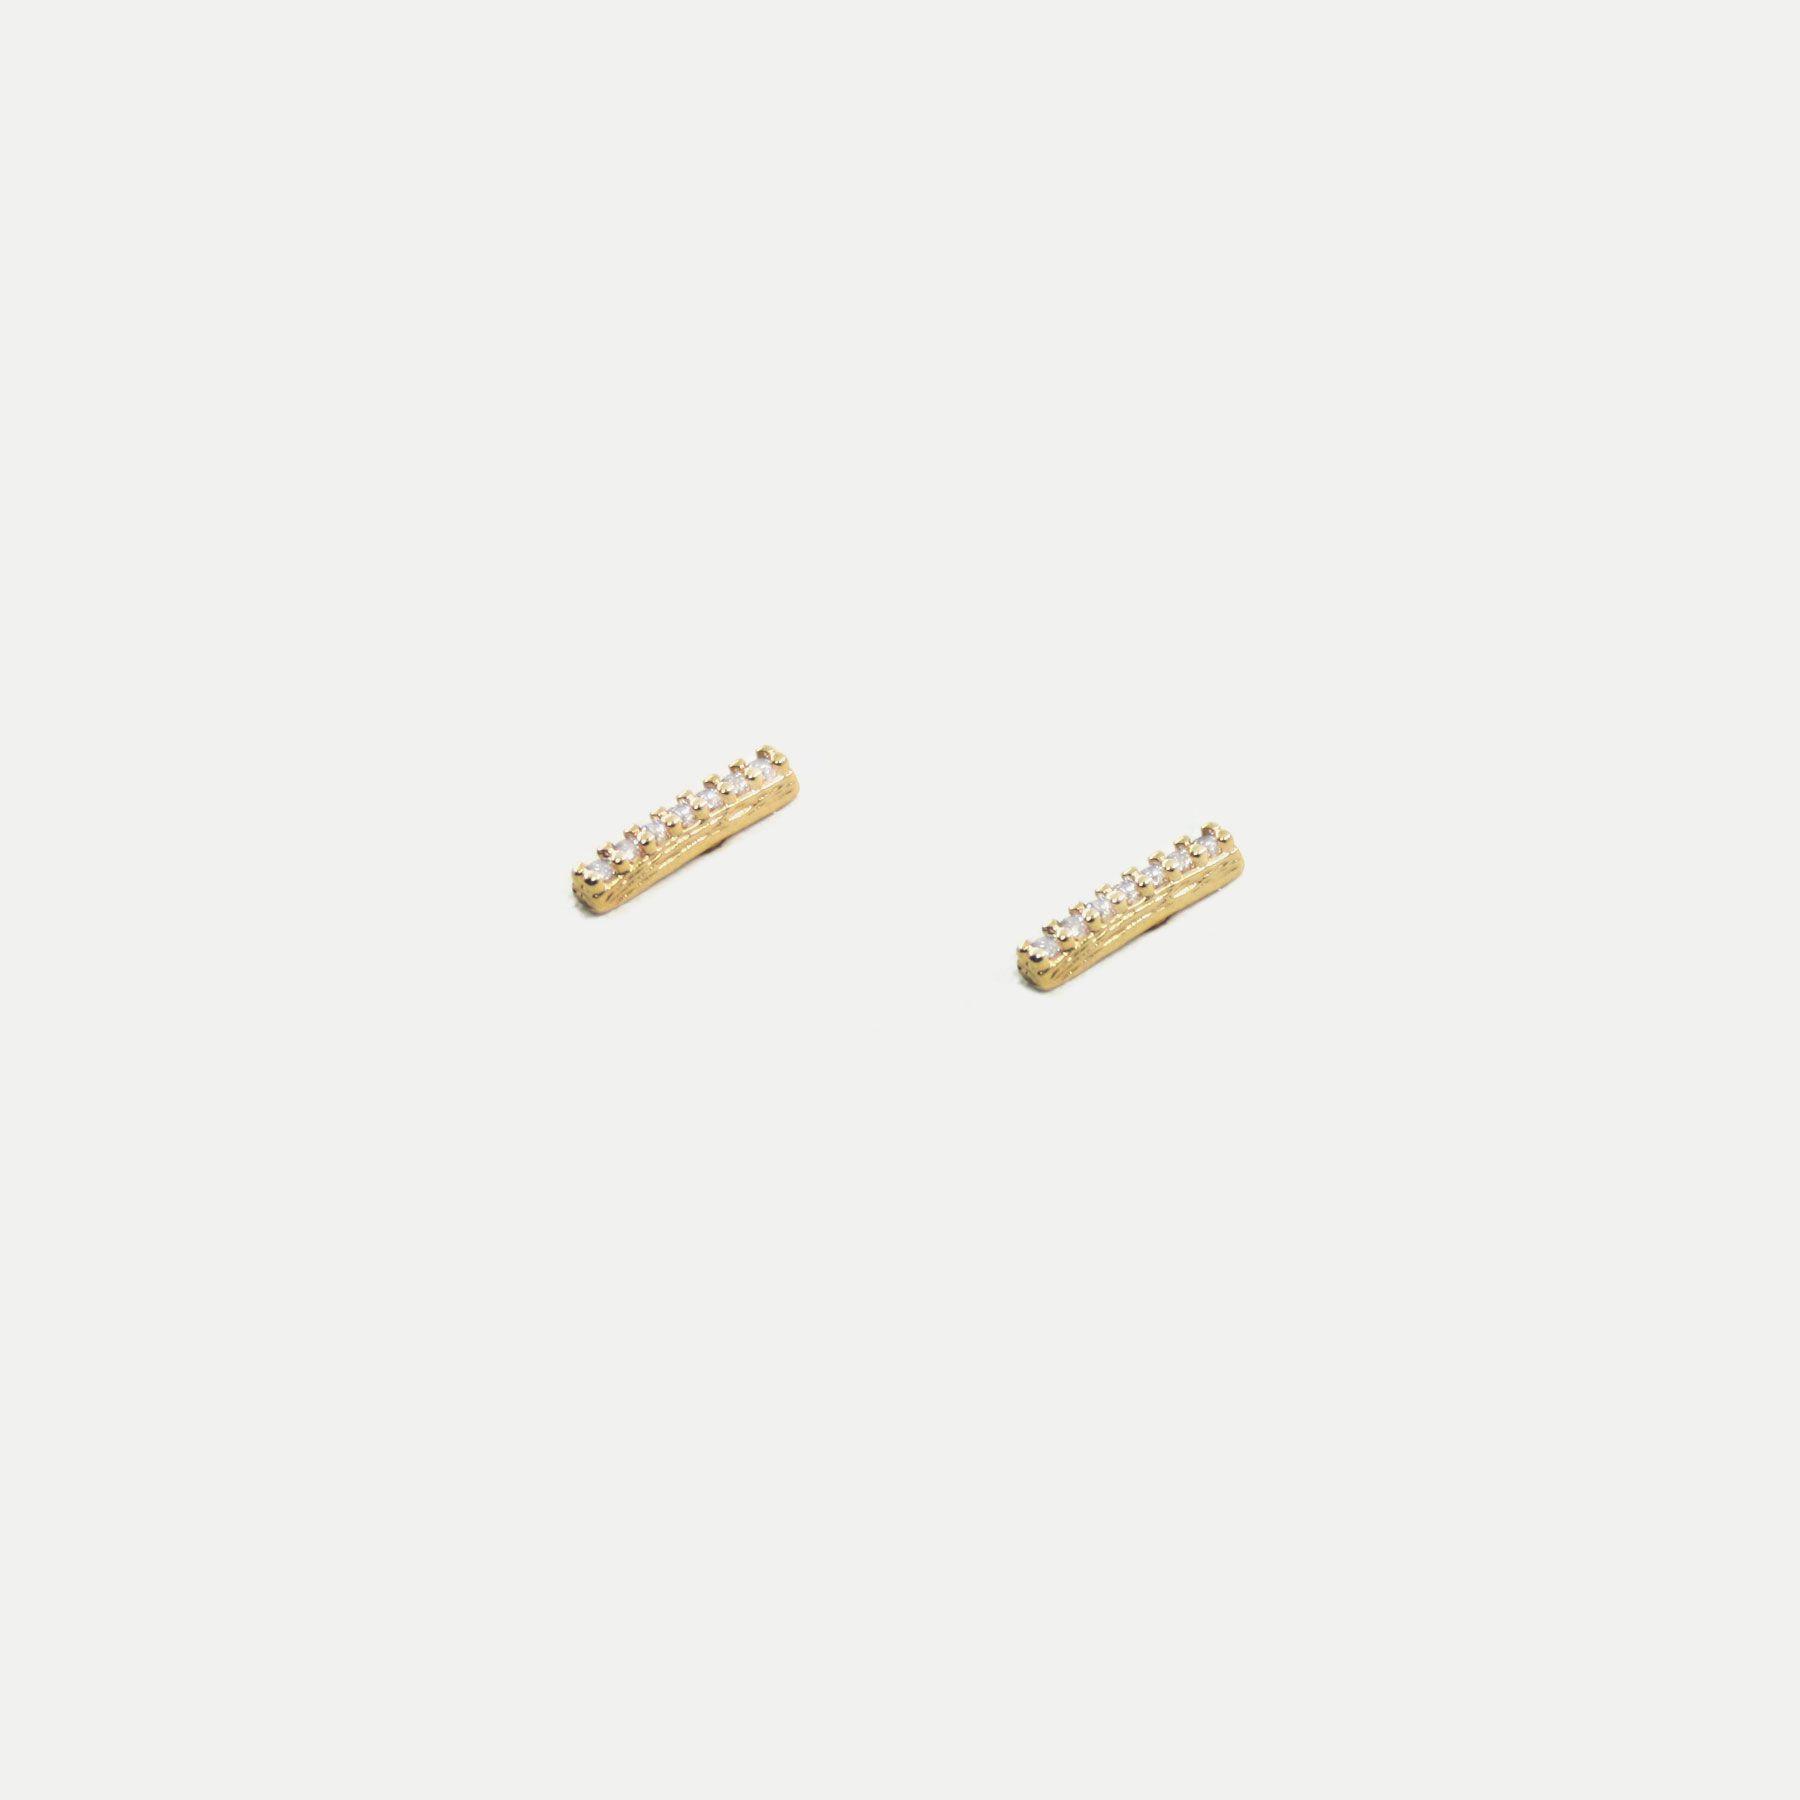 Brinco Mini Fileira de Zircônias Banhado em Ouro 18k